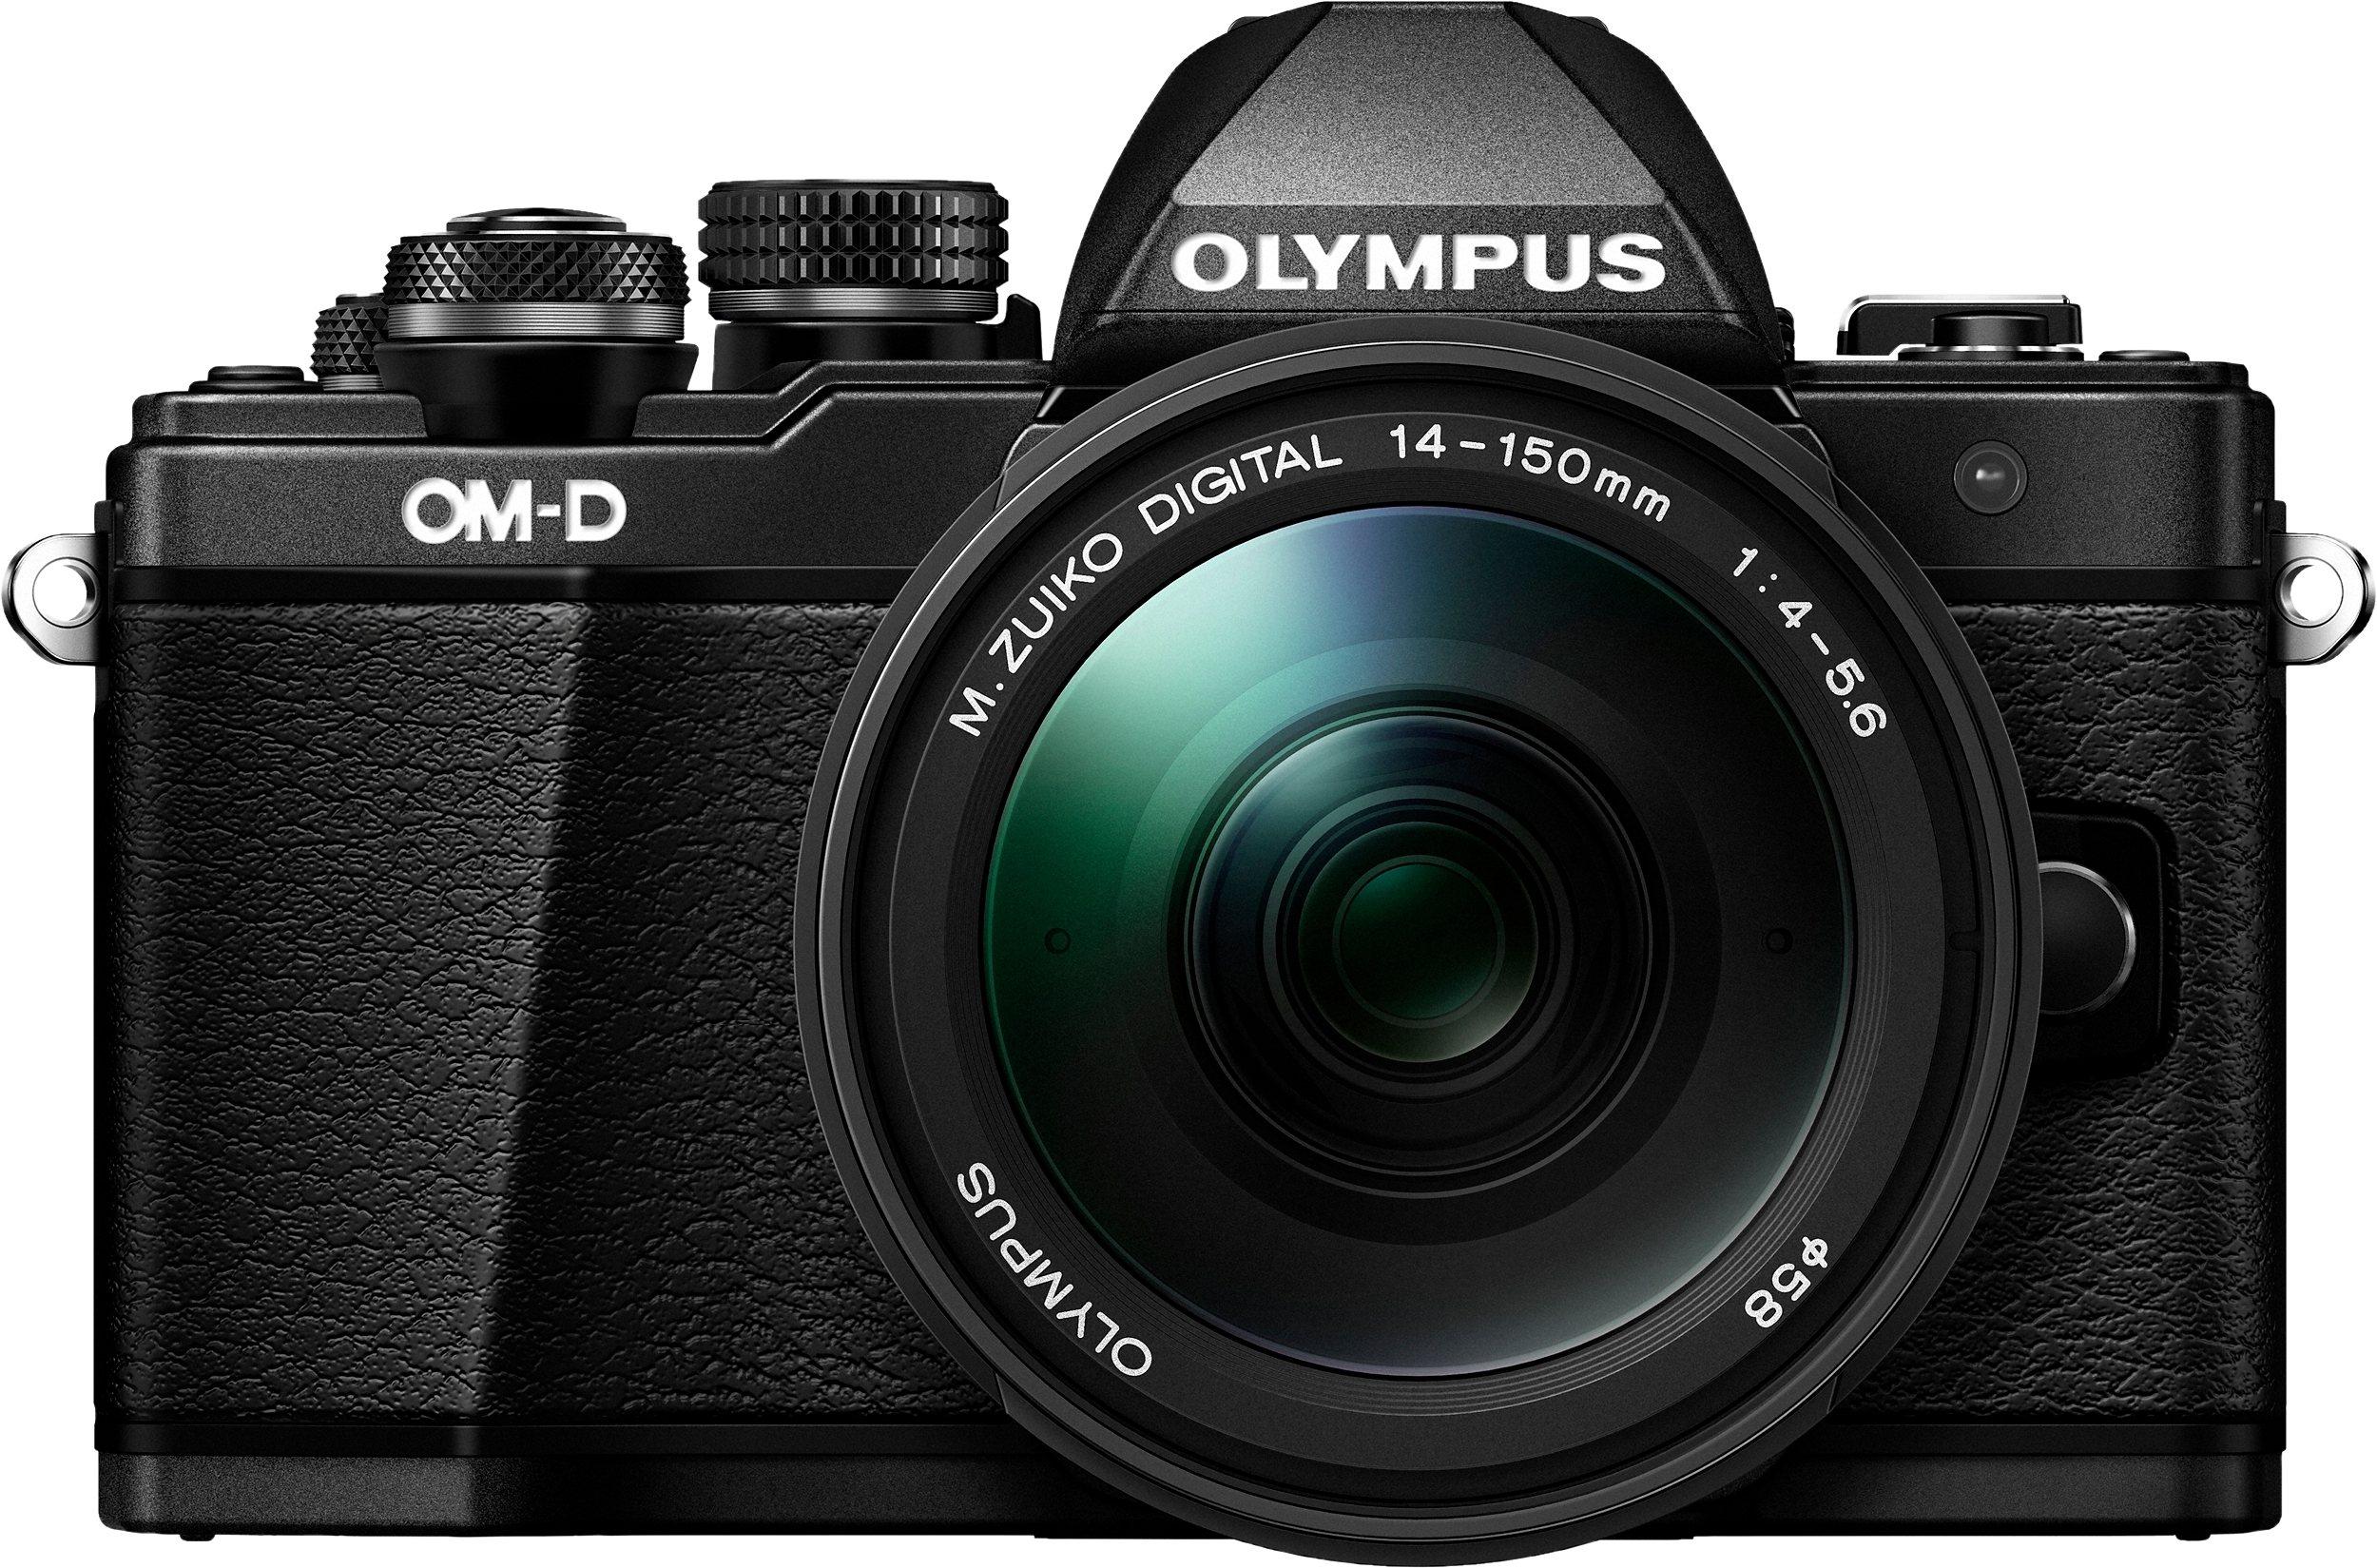 E-M10 OM-D Kit 14-150mm II System Kamera, M.Zuiko ED 14-150mm f4.0-5.6 II Zoom